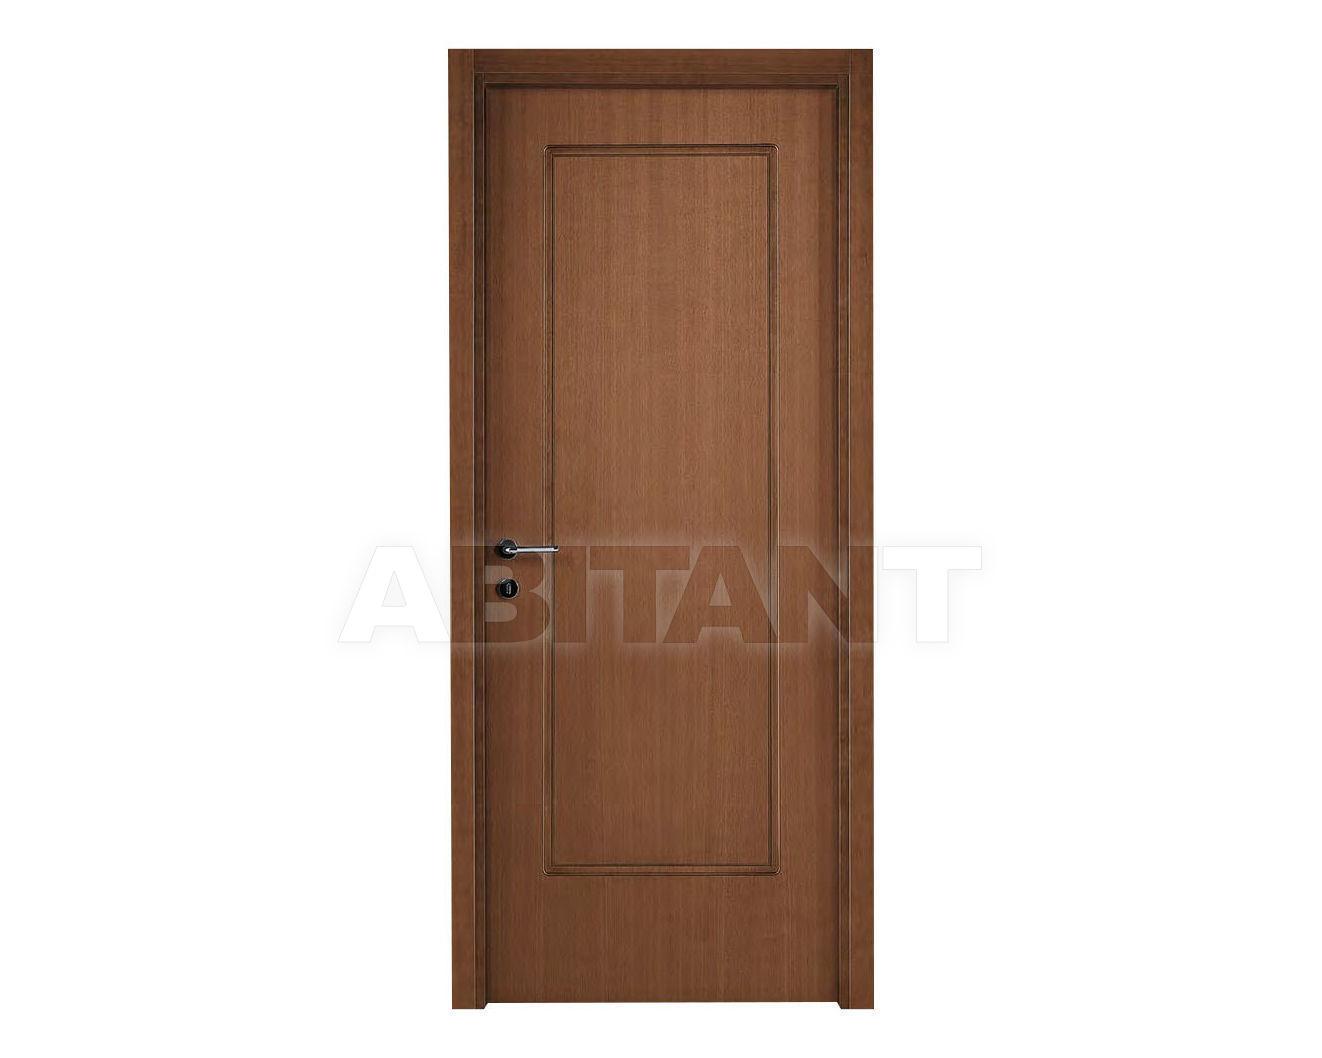 Купить Дверь деревянная Fioravazzi Pantografate ARIANNA 4 CIECA 1